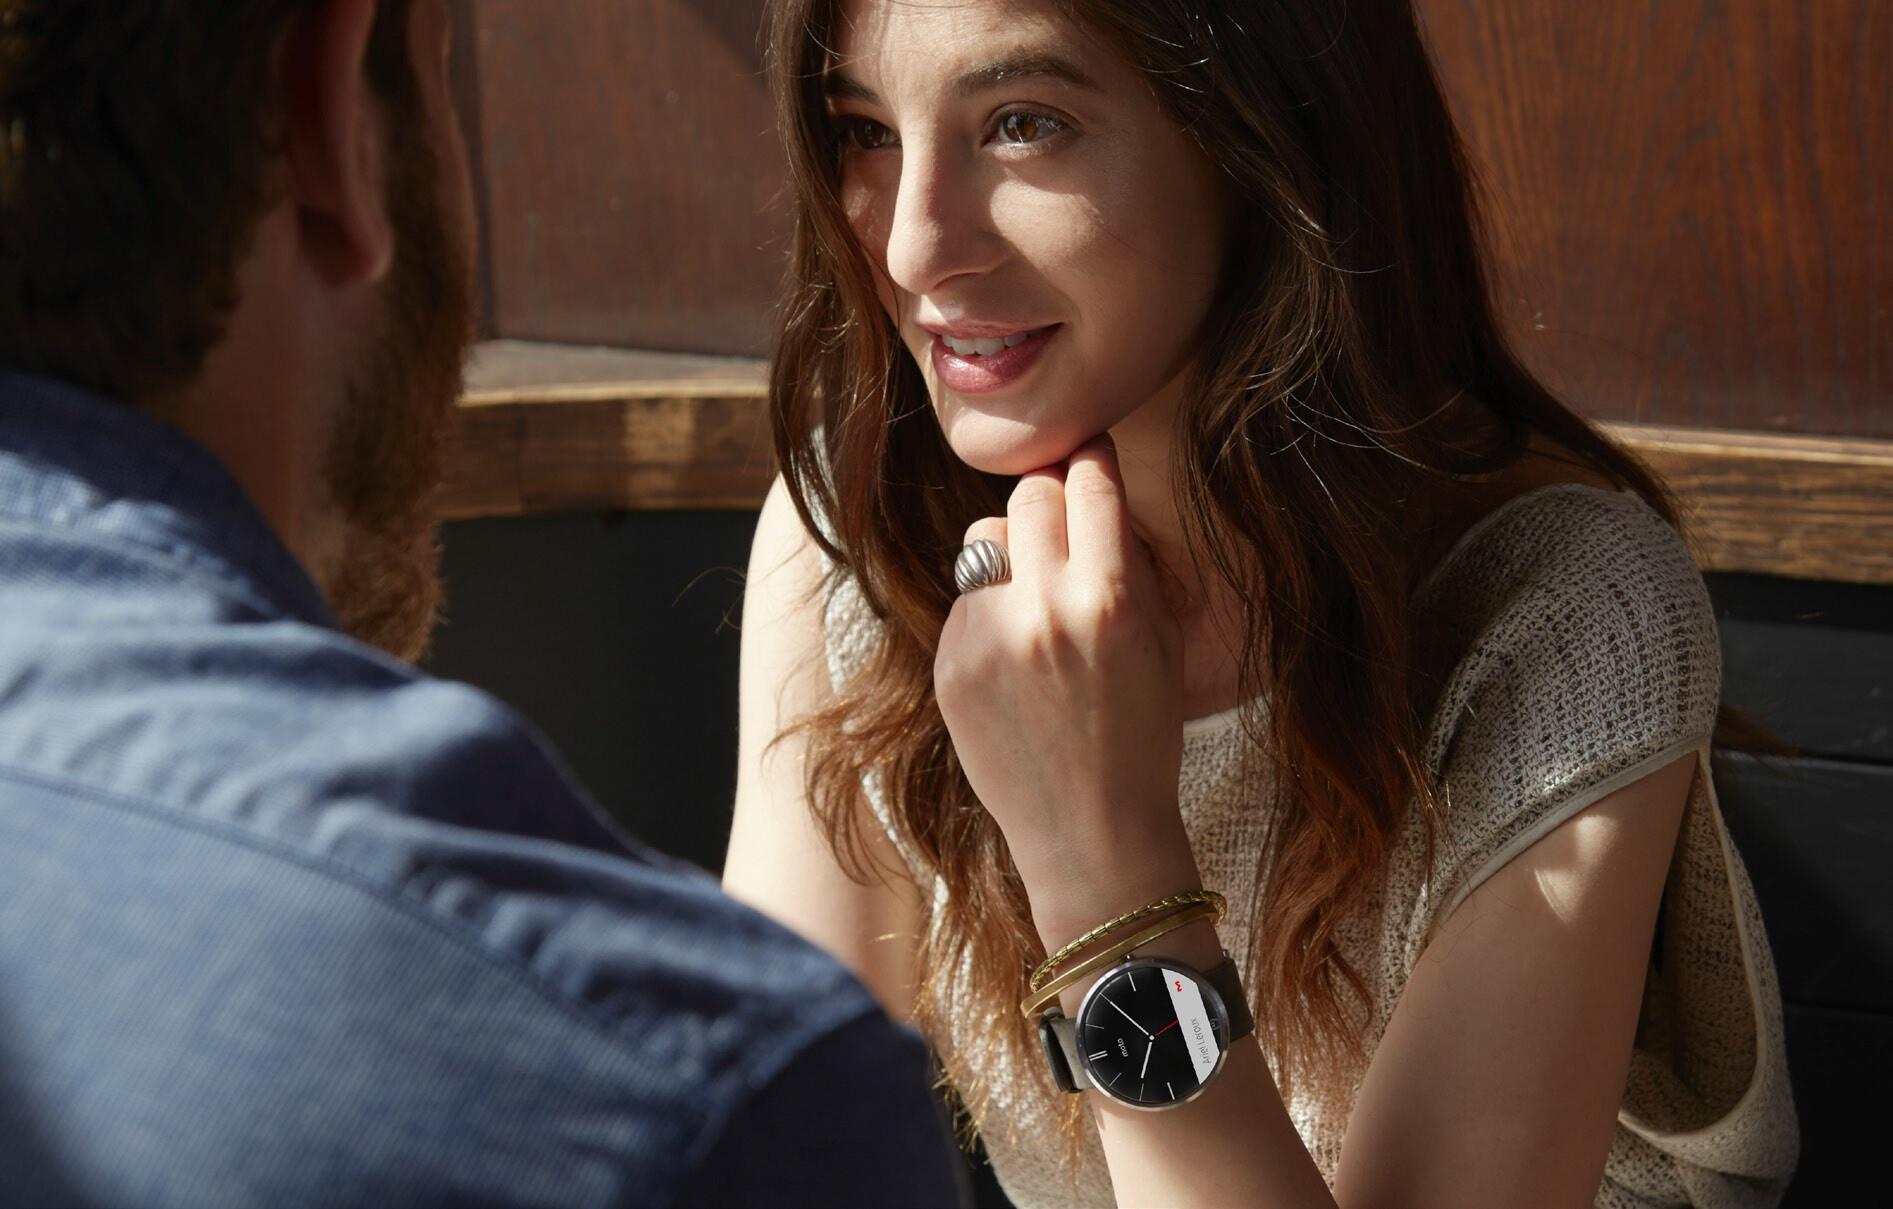 أخيراً .. موتورولا تكشف عن ساعتها الذكية موتو 360 1